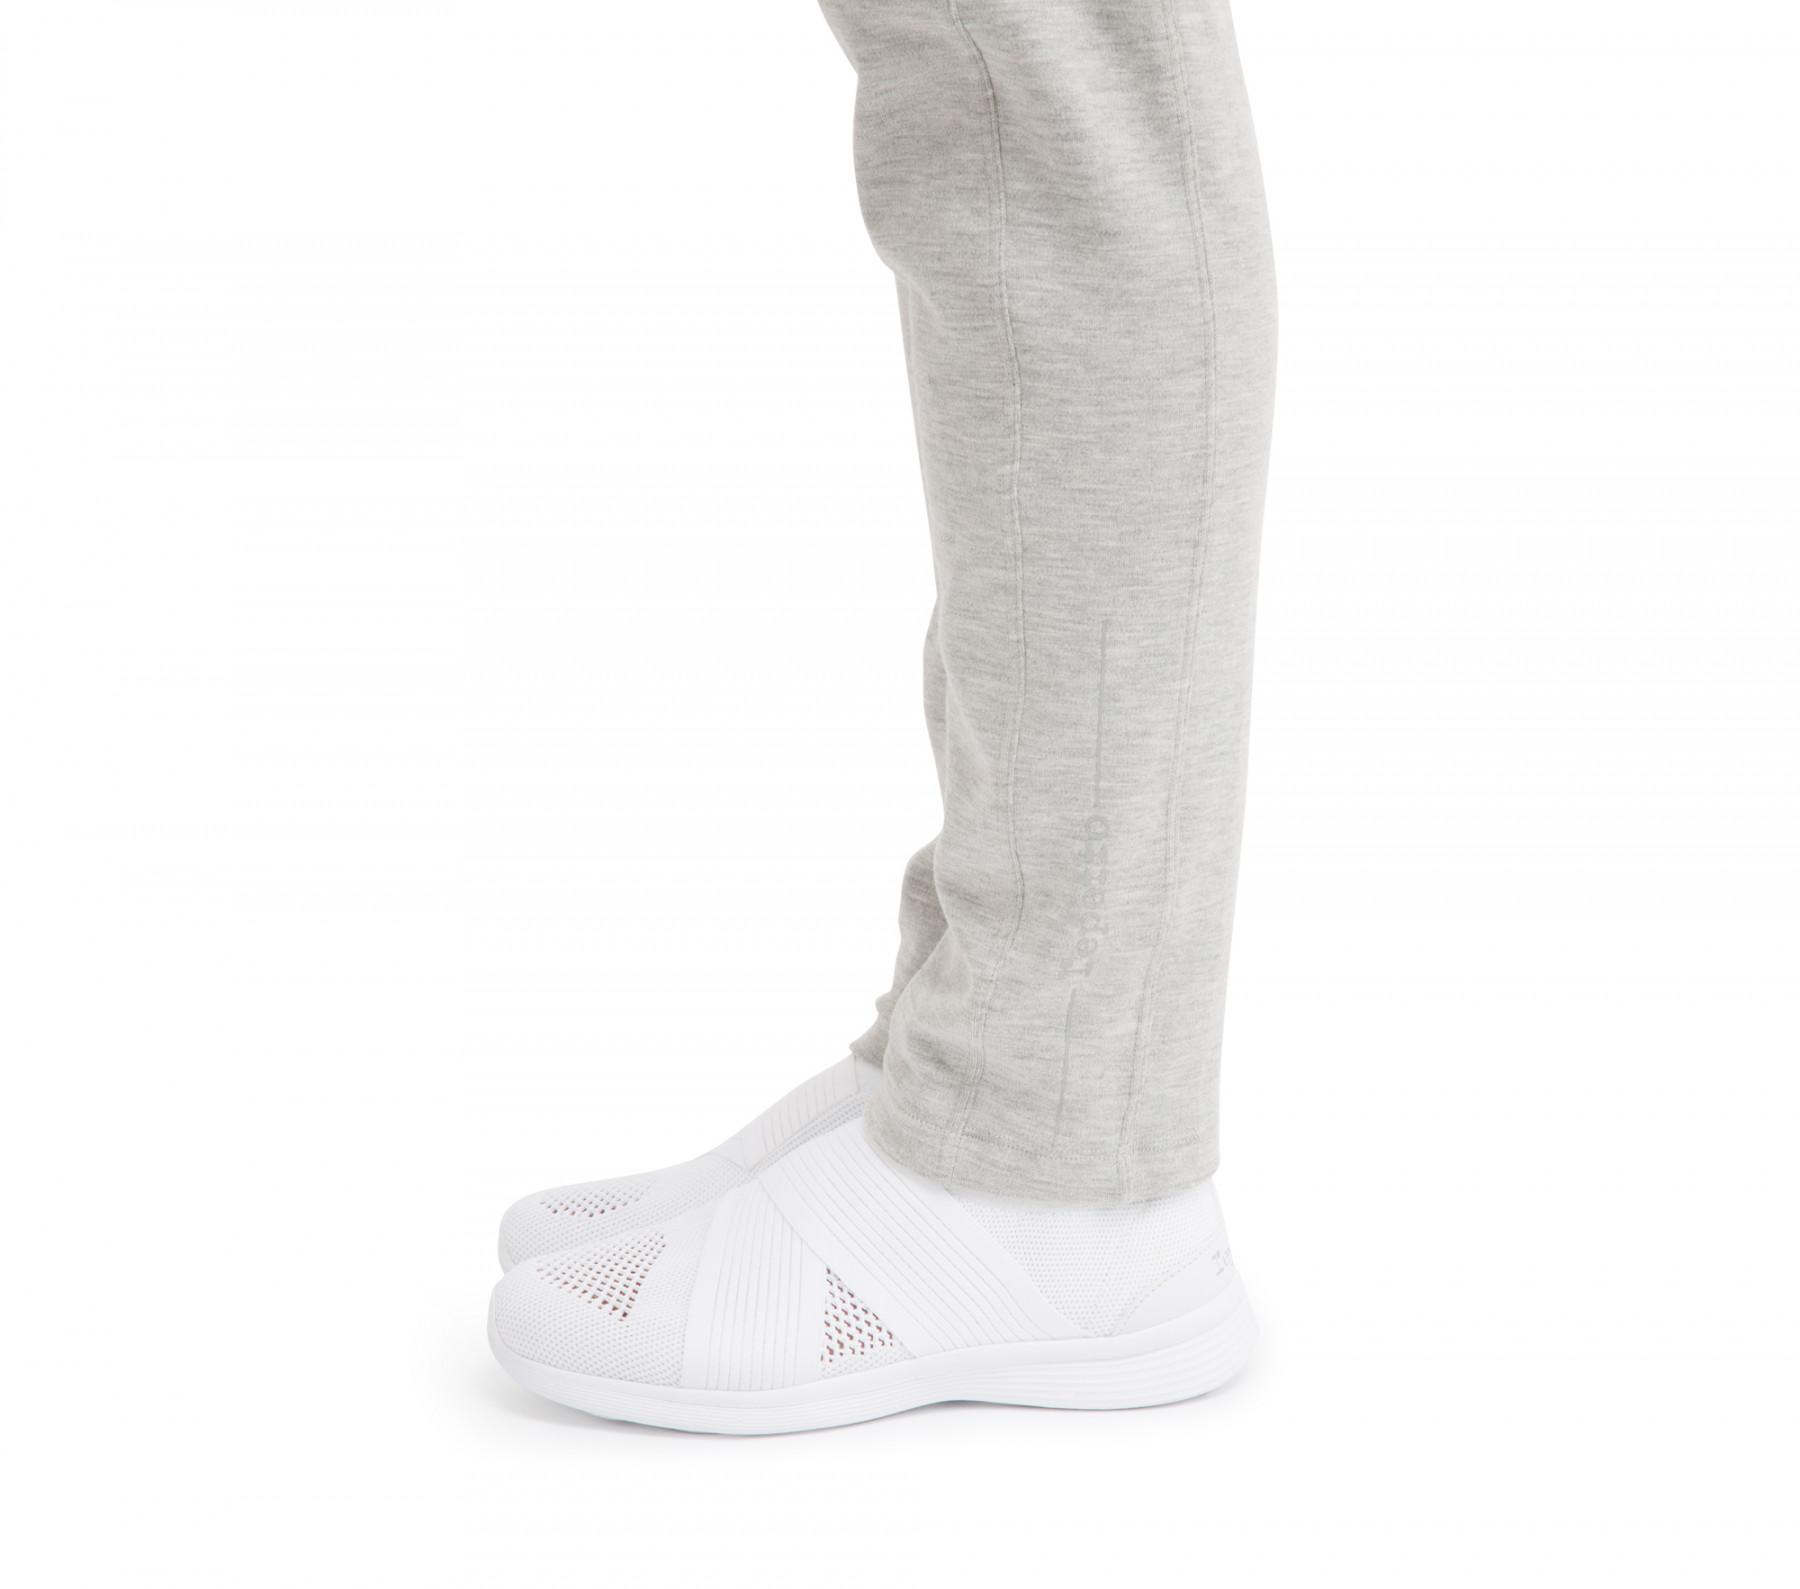 Jogging spirit pants